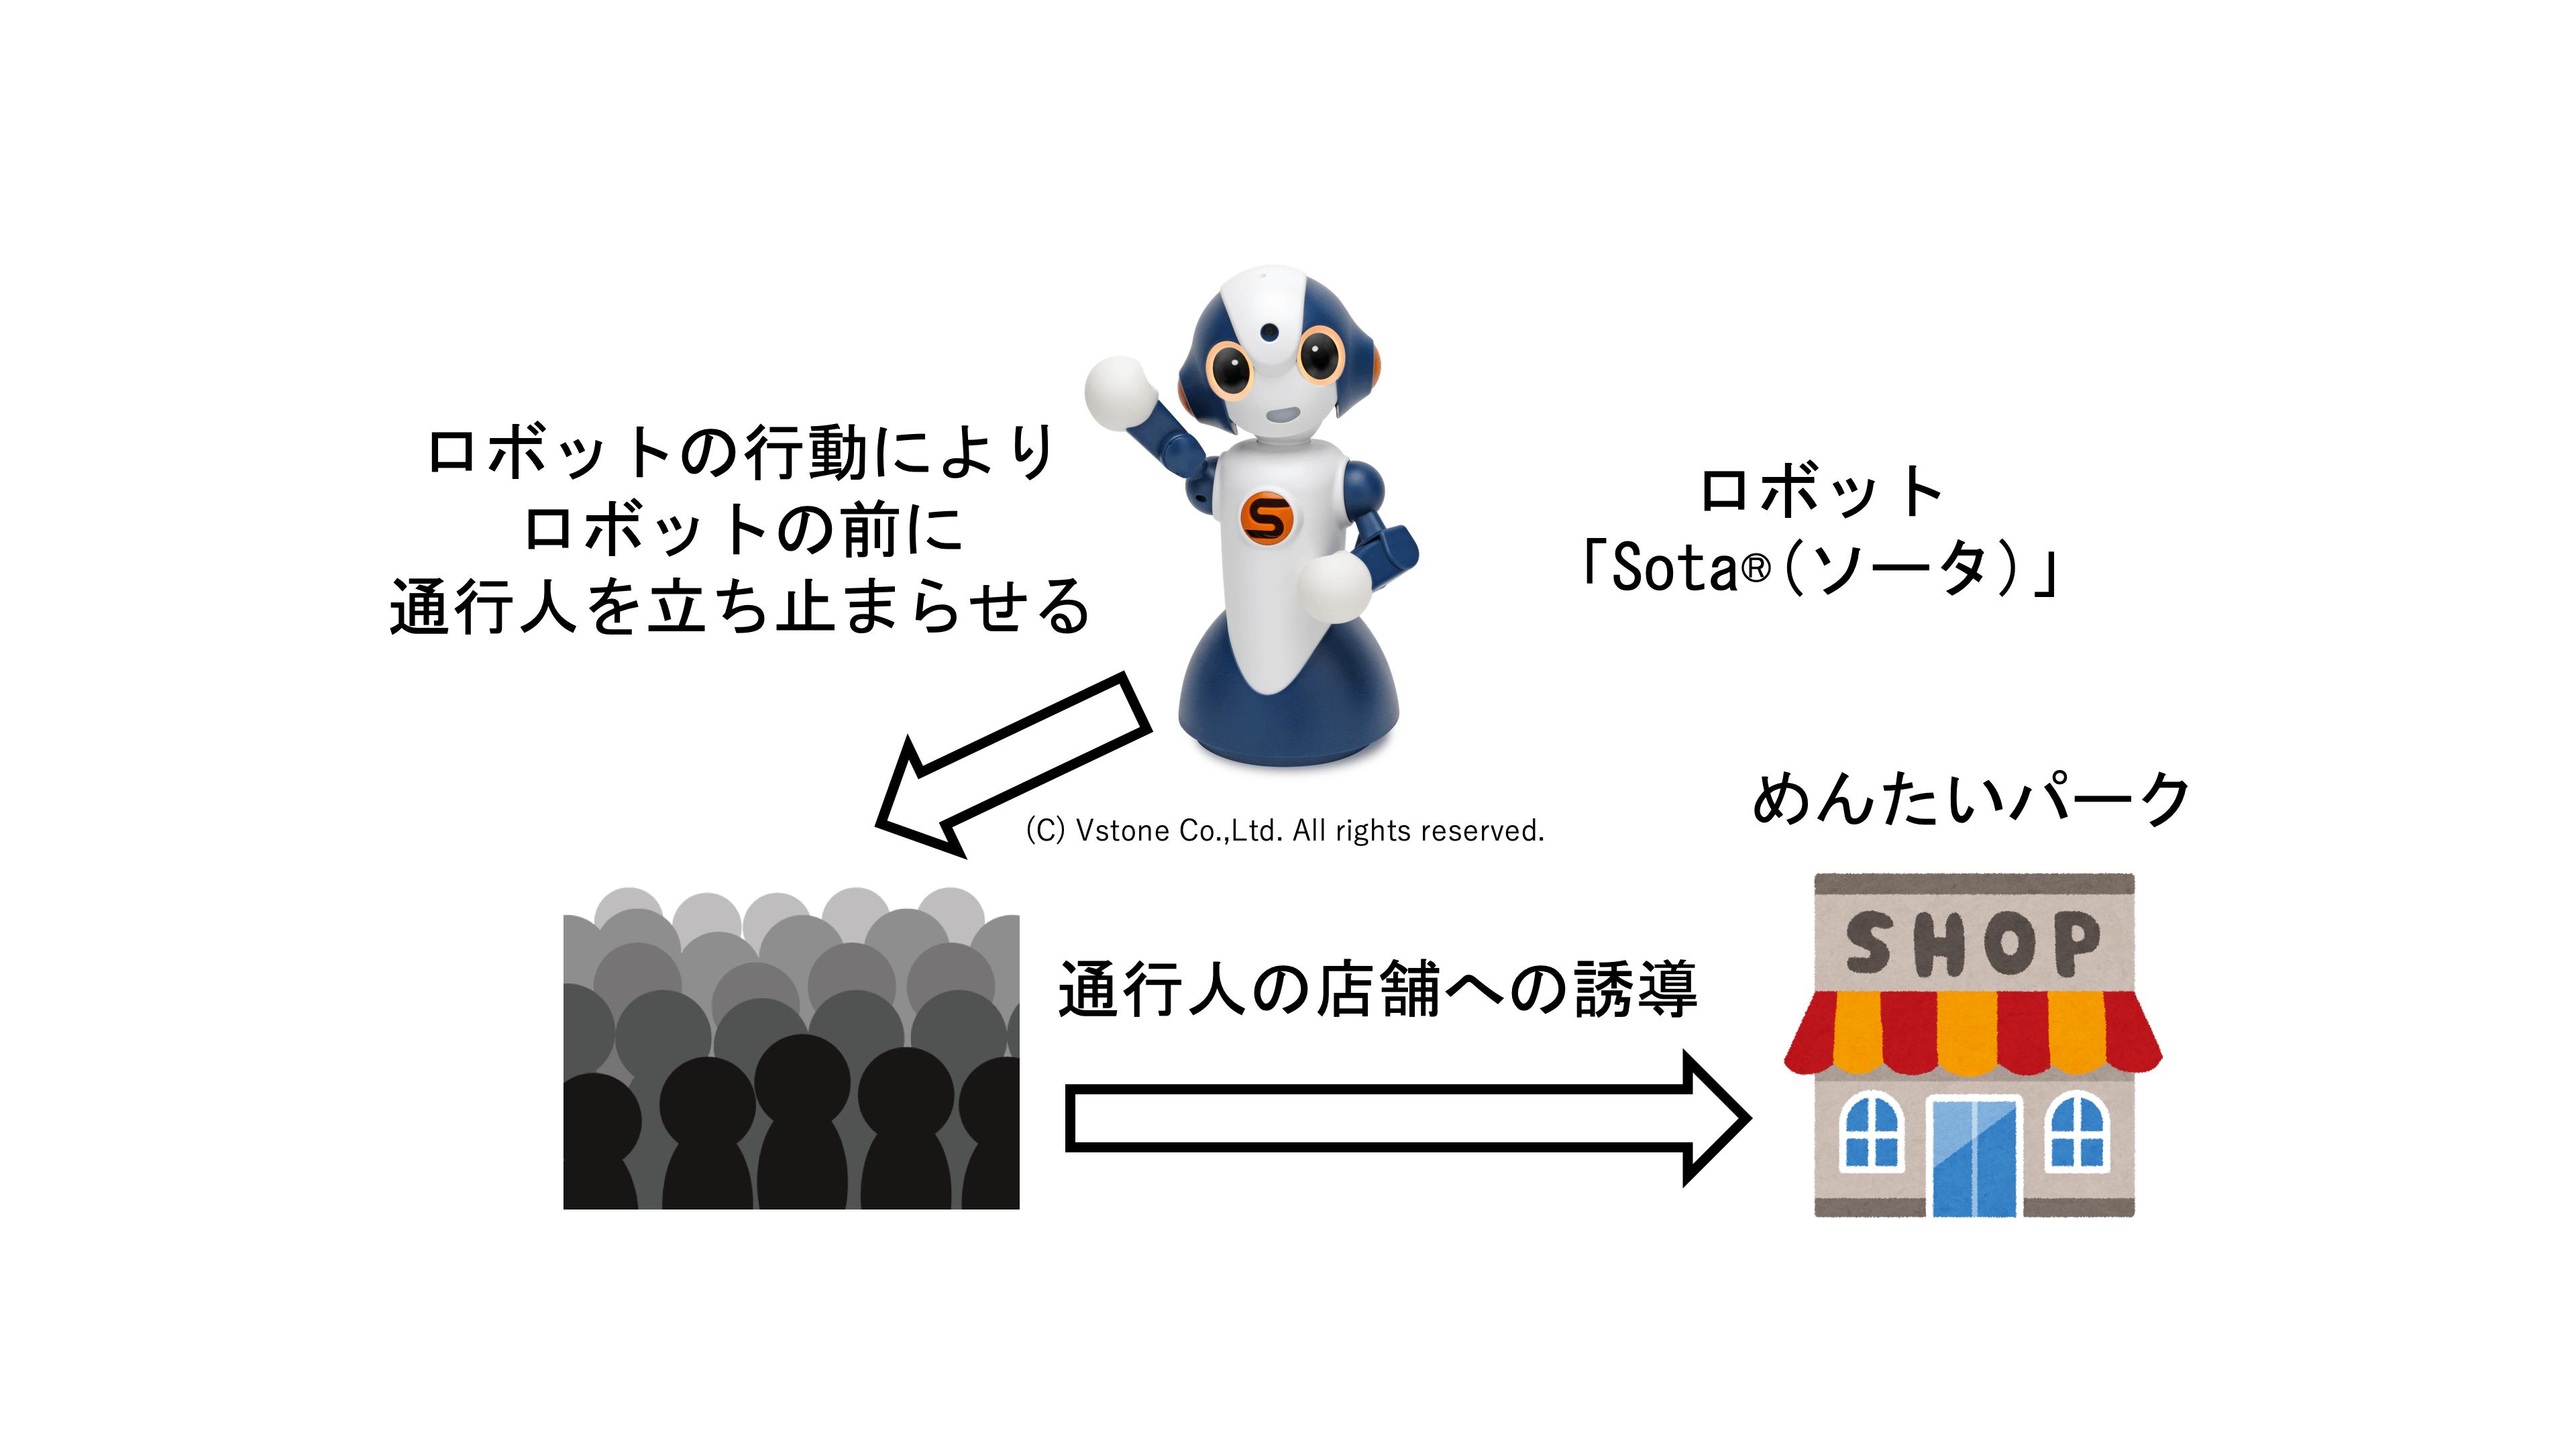 接客ロボットの実証実験を複合商業施設で実施